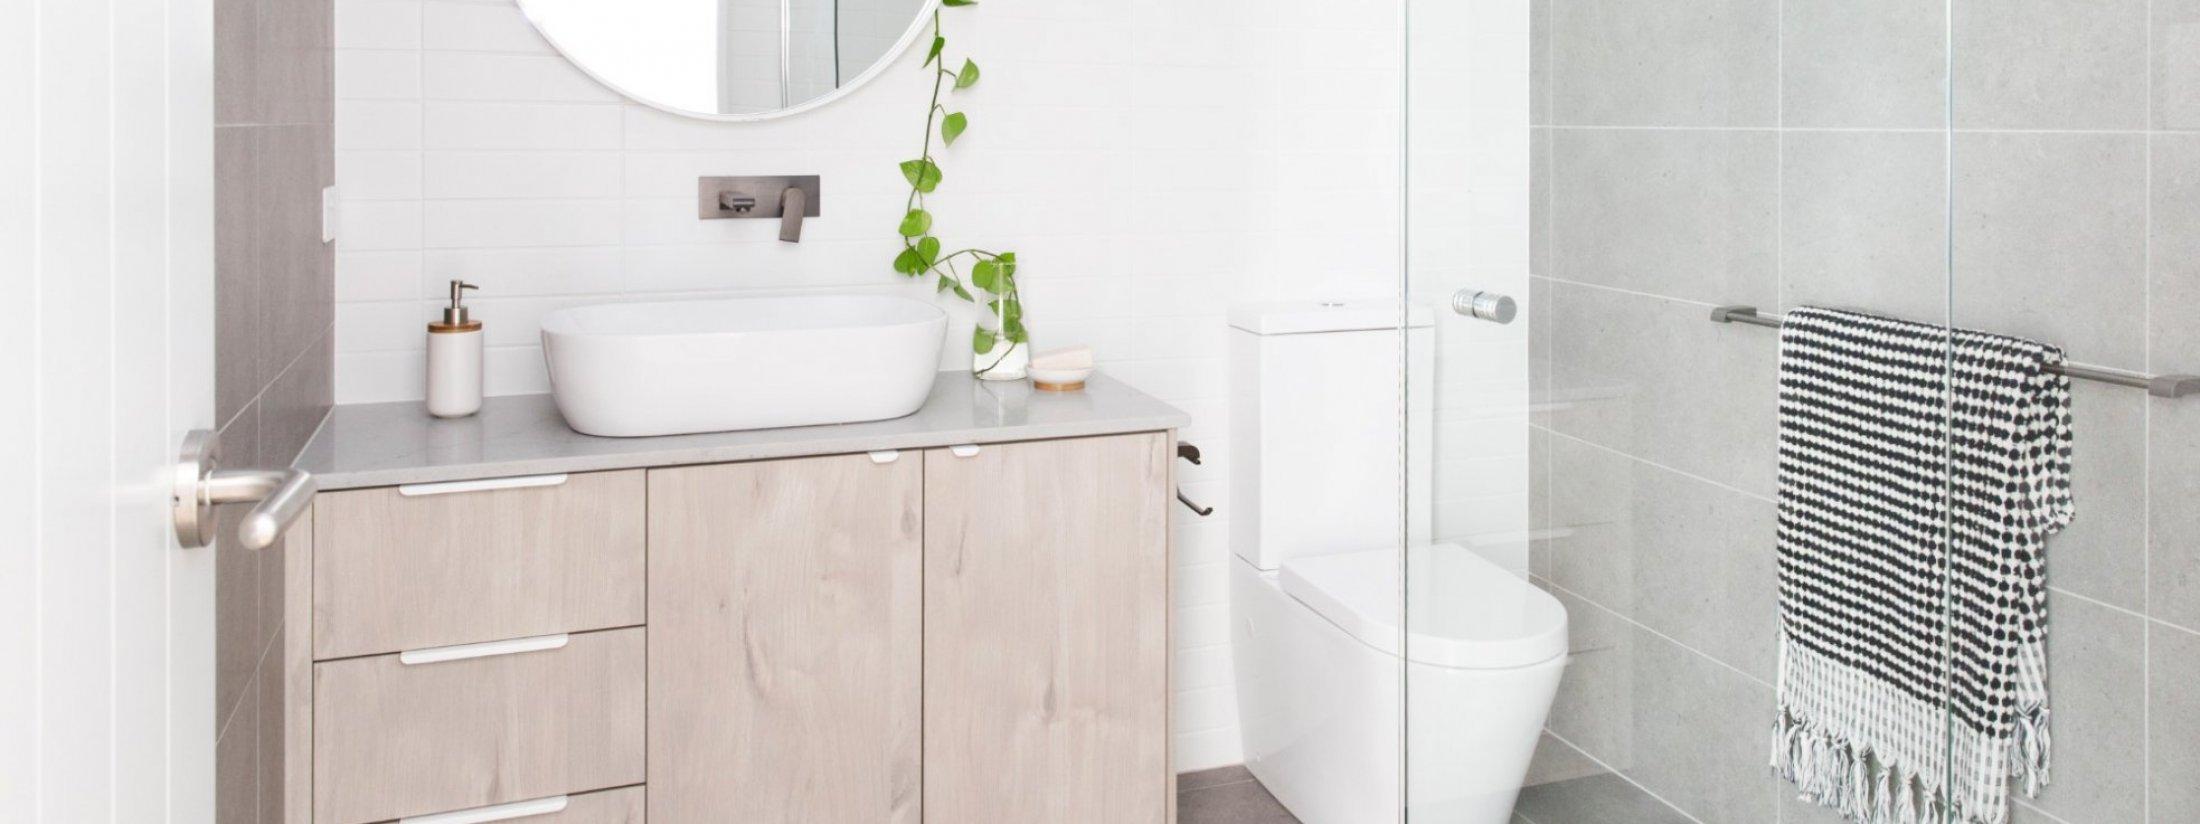 Barrel and Branch - Byron Bay - second bathroom